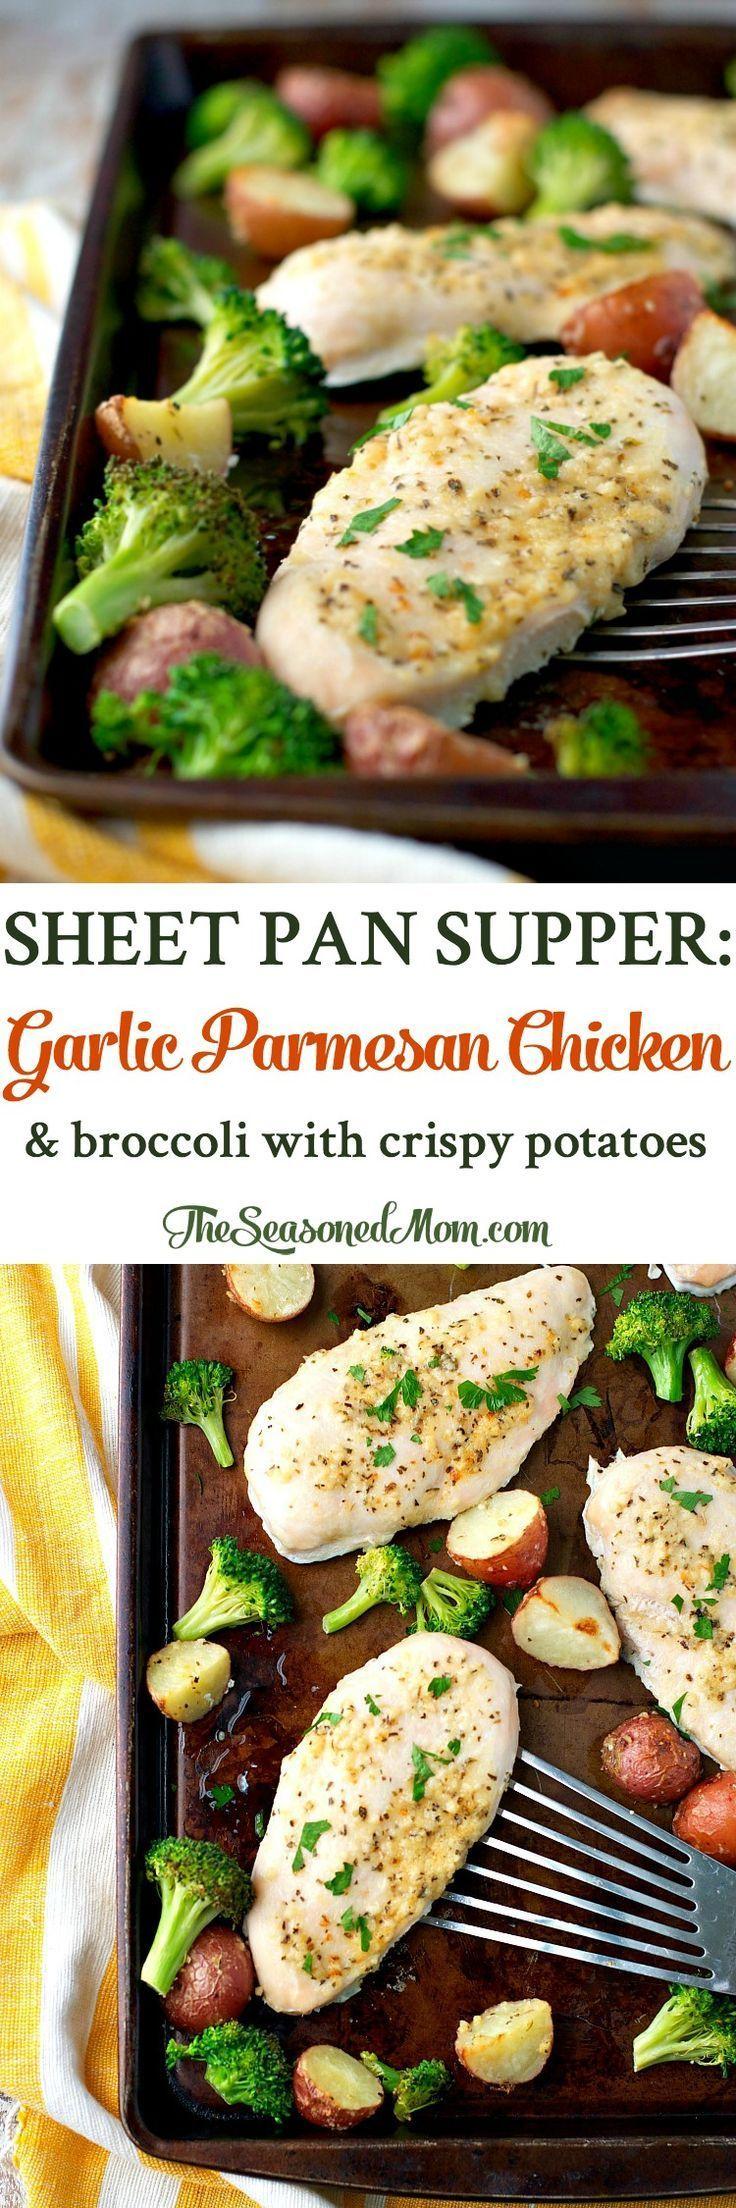 Garlic Parmesan Chicken And Broccoli  Recipe  Garlic -4490